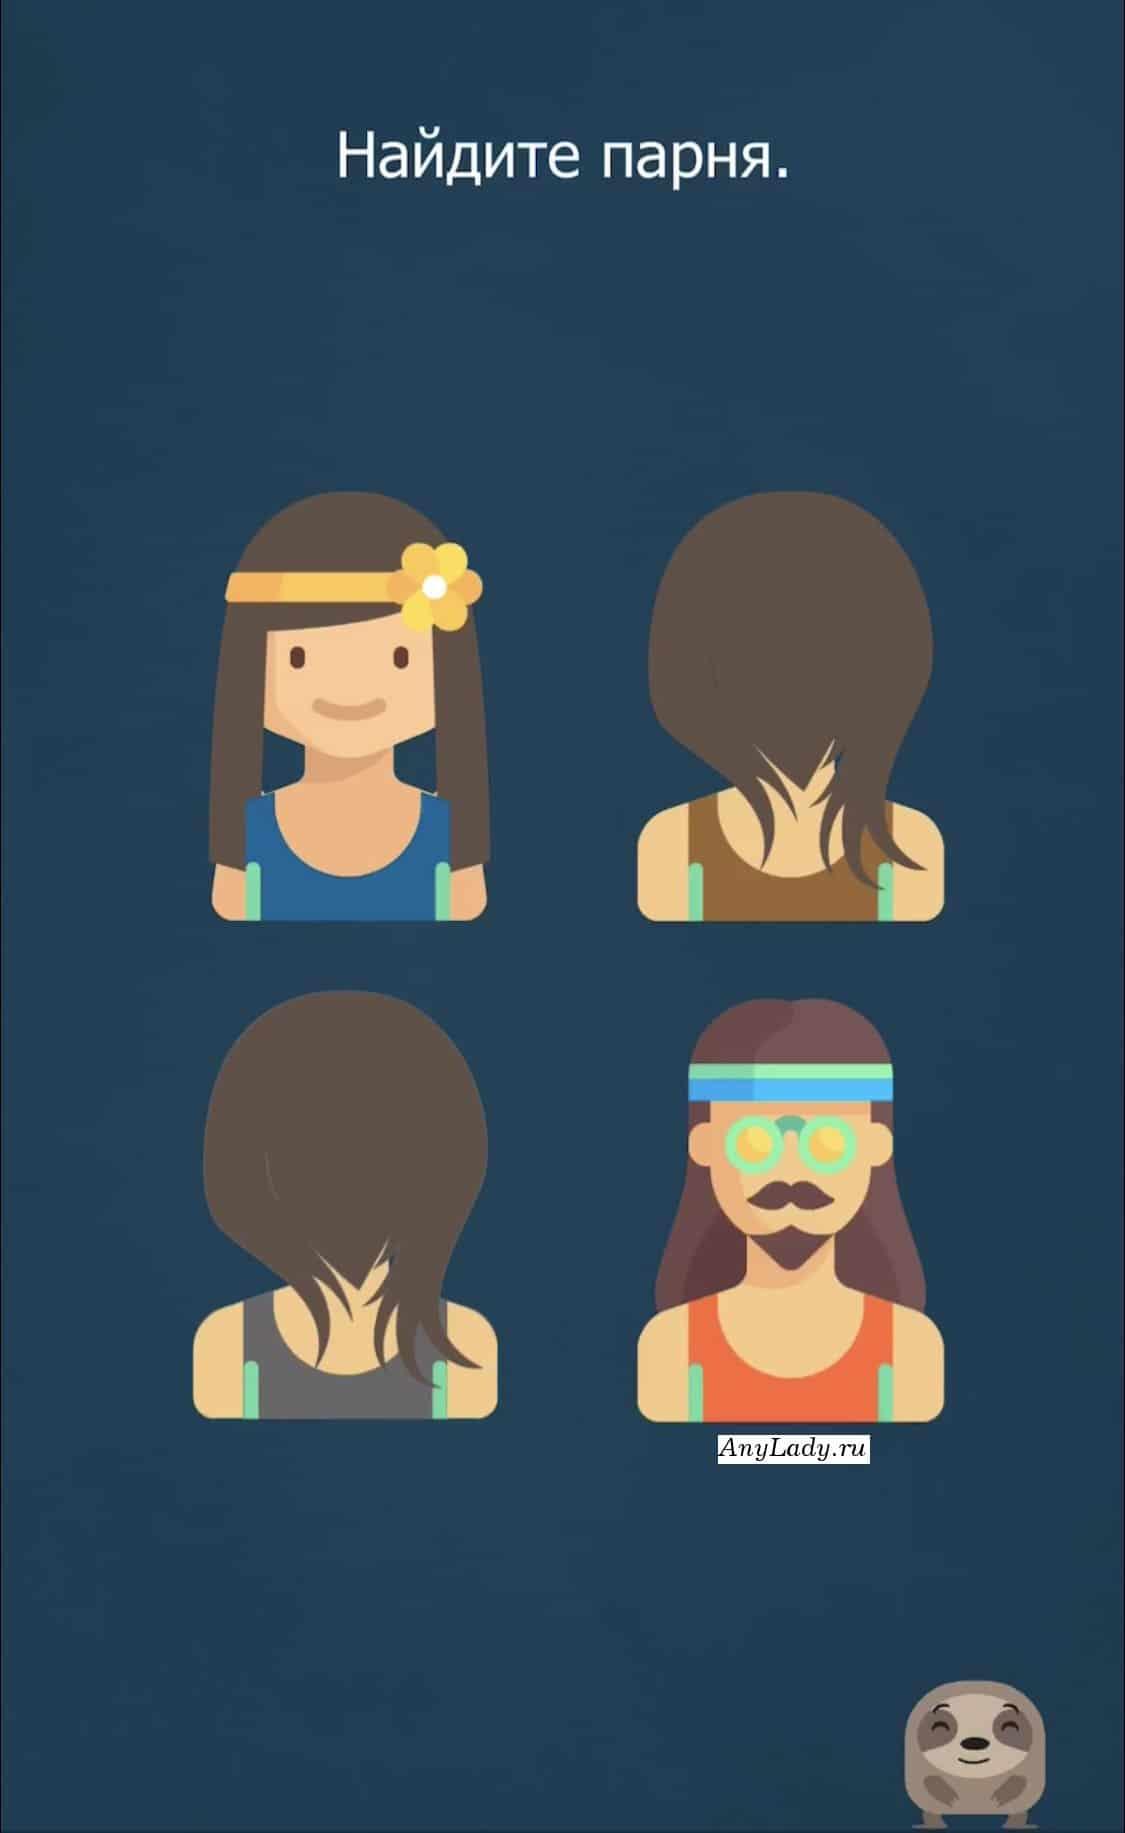 Раздвиньте двумя пальцами волосы с лица мальчика, он четвертый. Остальных не трогайте, иначе засчитают ошибку.